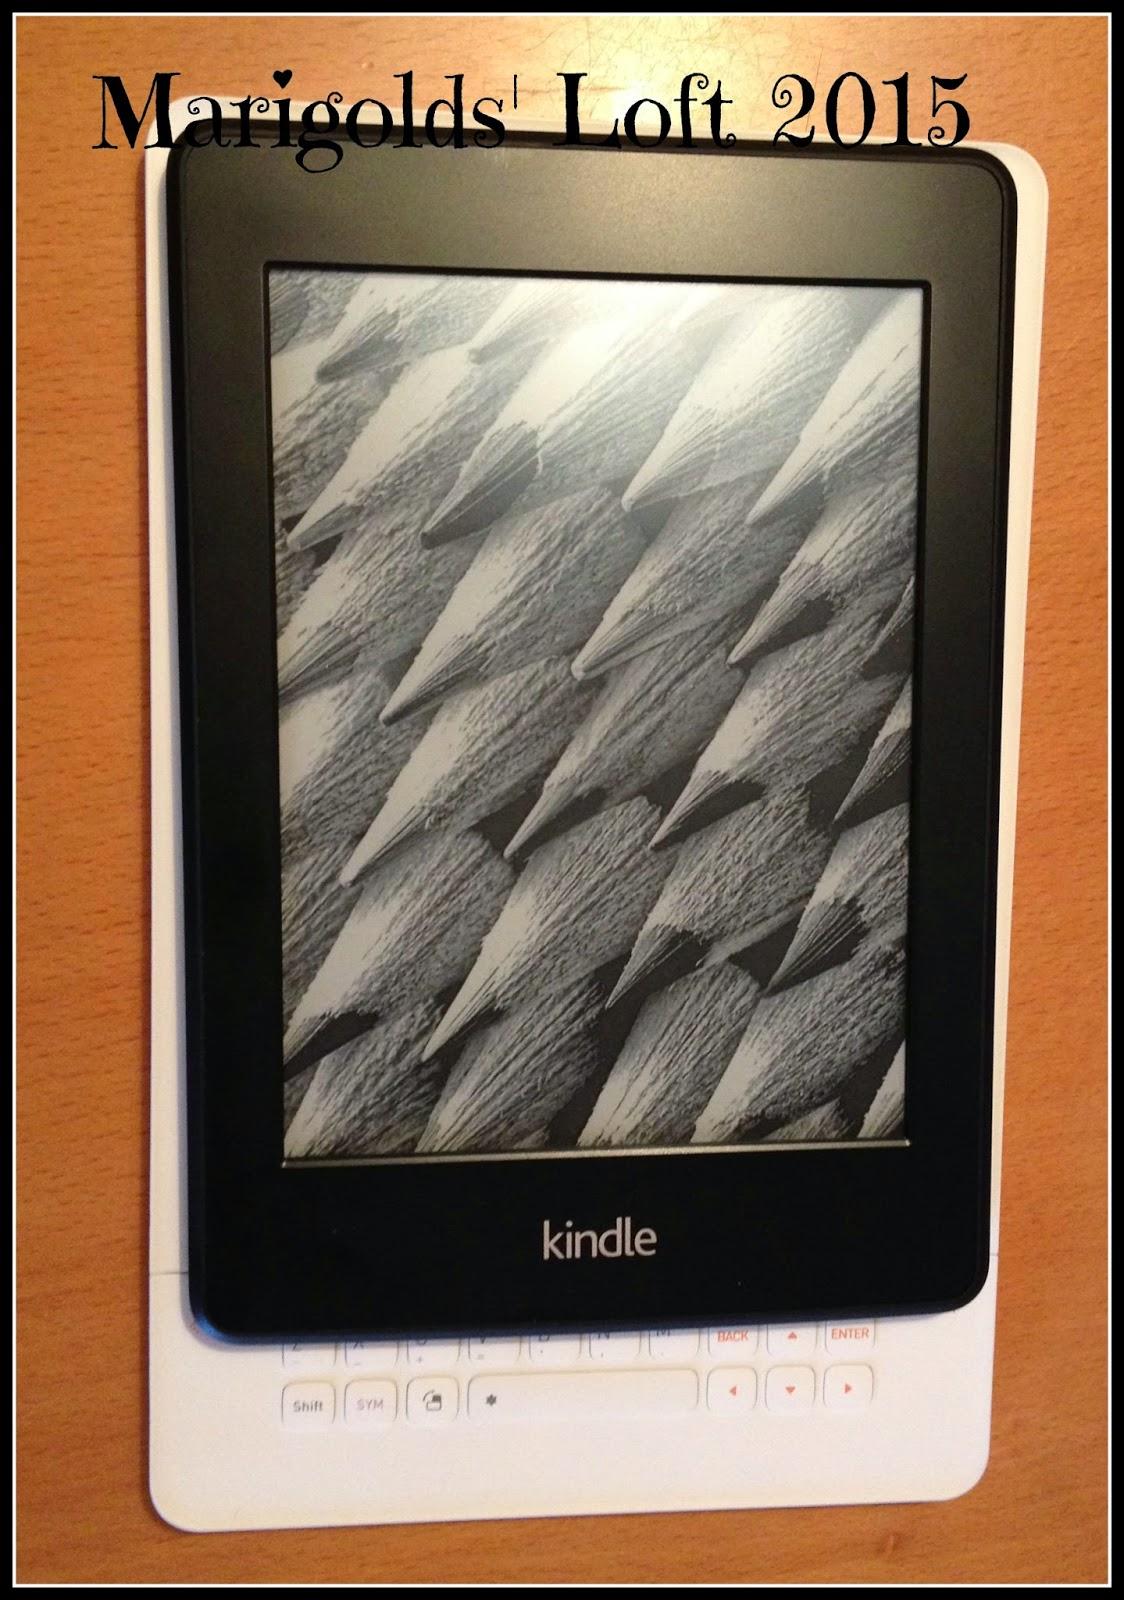 Kindle Paperwhite vs iRiver